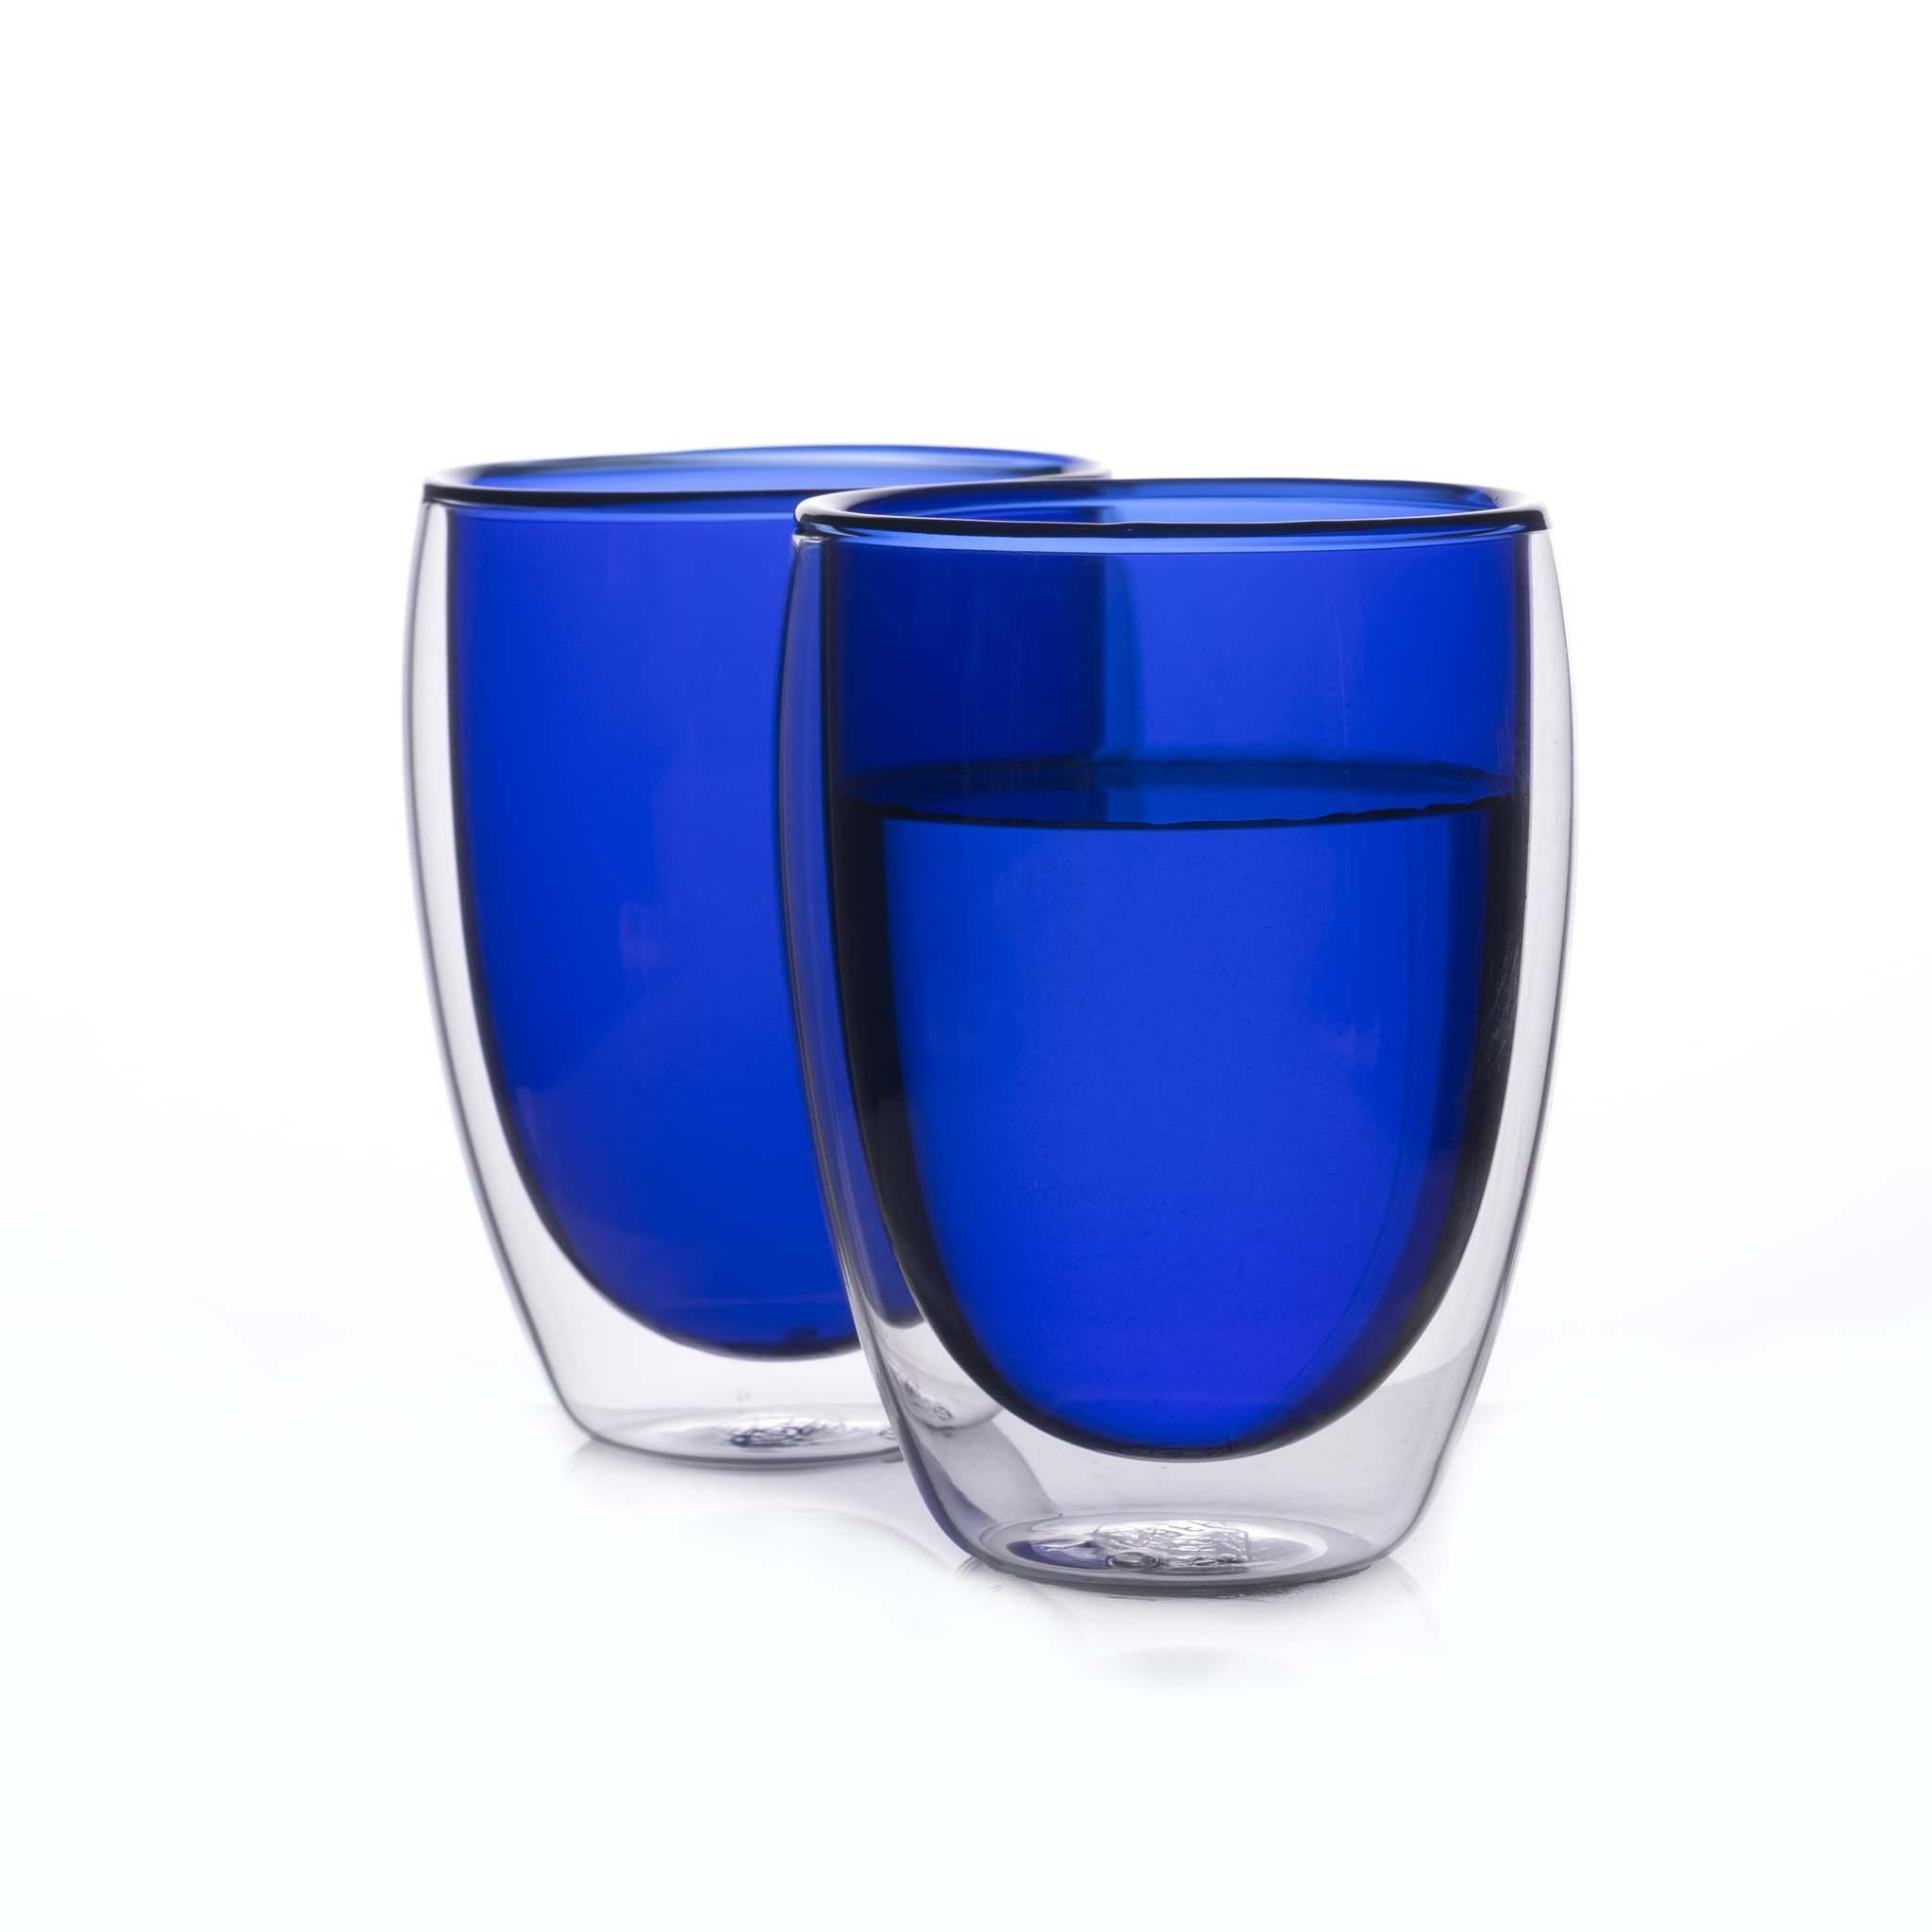 Наборы-Акции Набор стаканов из двойного стекла синего цвета 350 мл, 2 шт. синий2-min.jpg